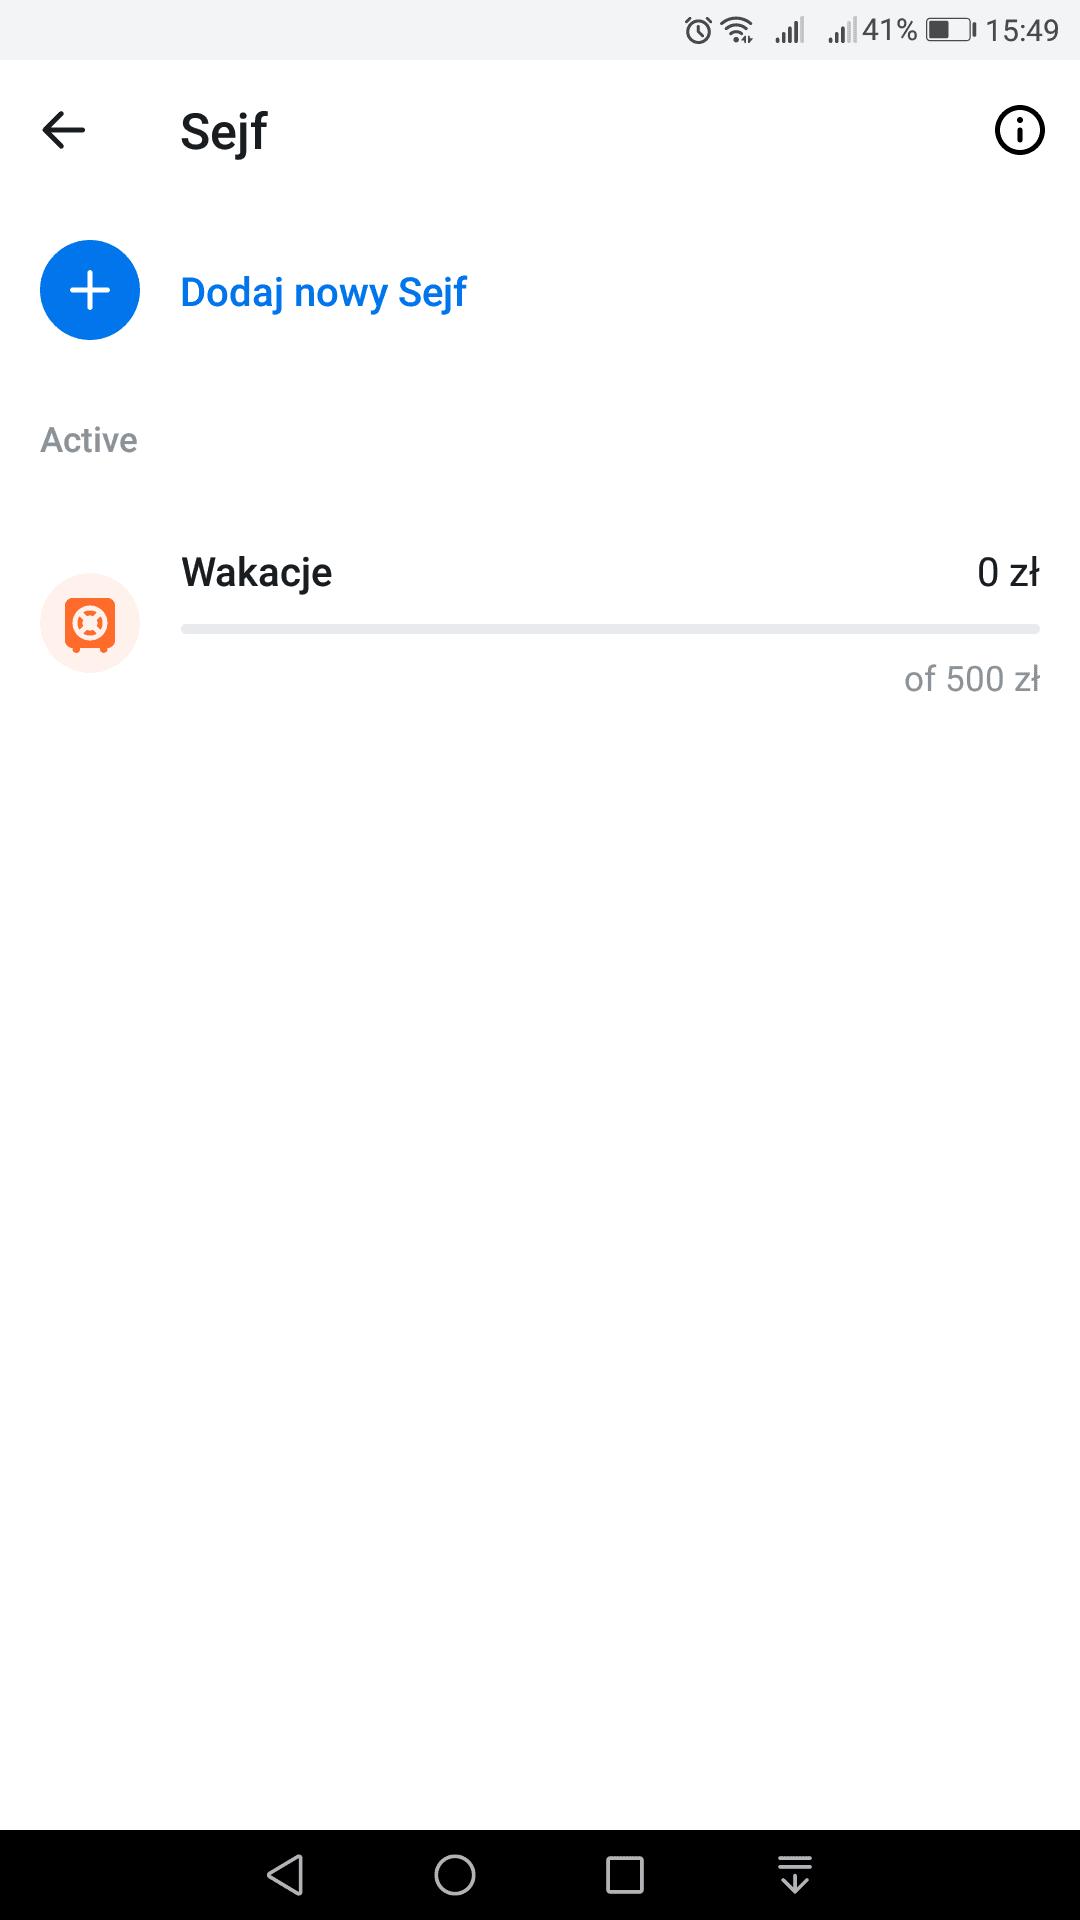 Tabletowo.pl Revolut pomoże Ci teraz zaoszczędzić na wybrany przez Ciebie cel i to bez większego wysiłku z Twojej strony Aplikacje Nowości